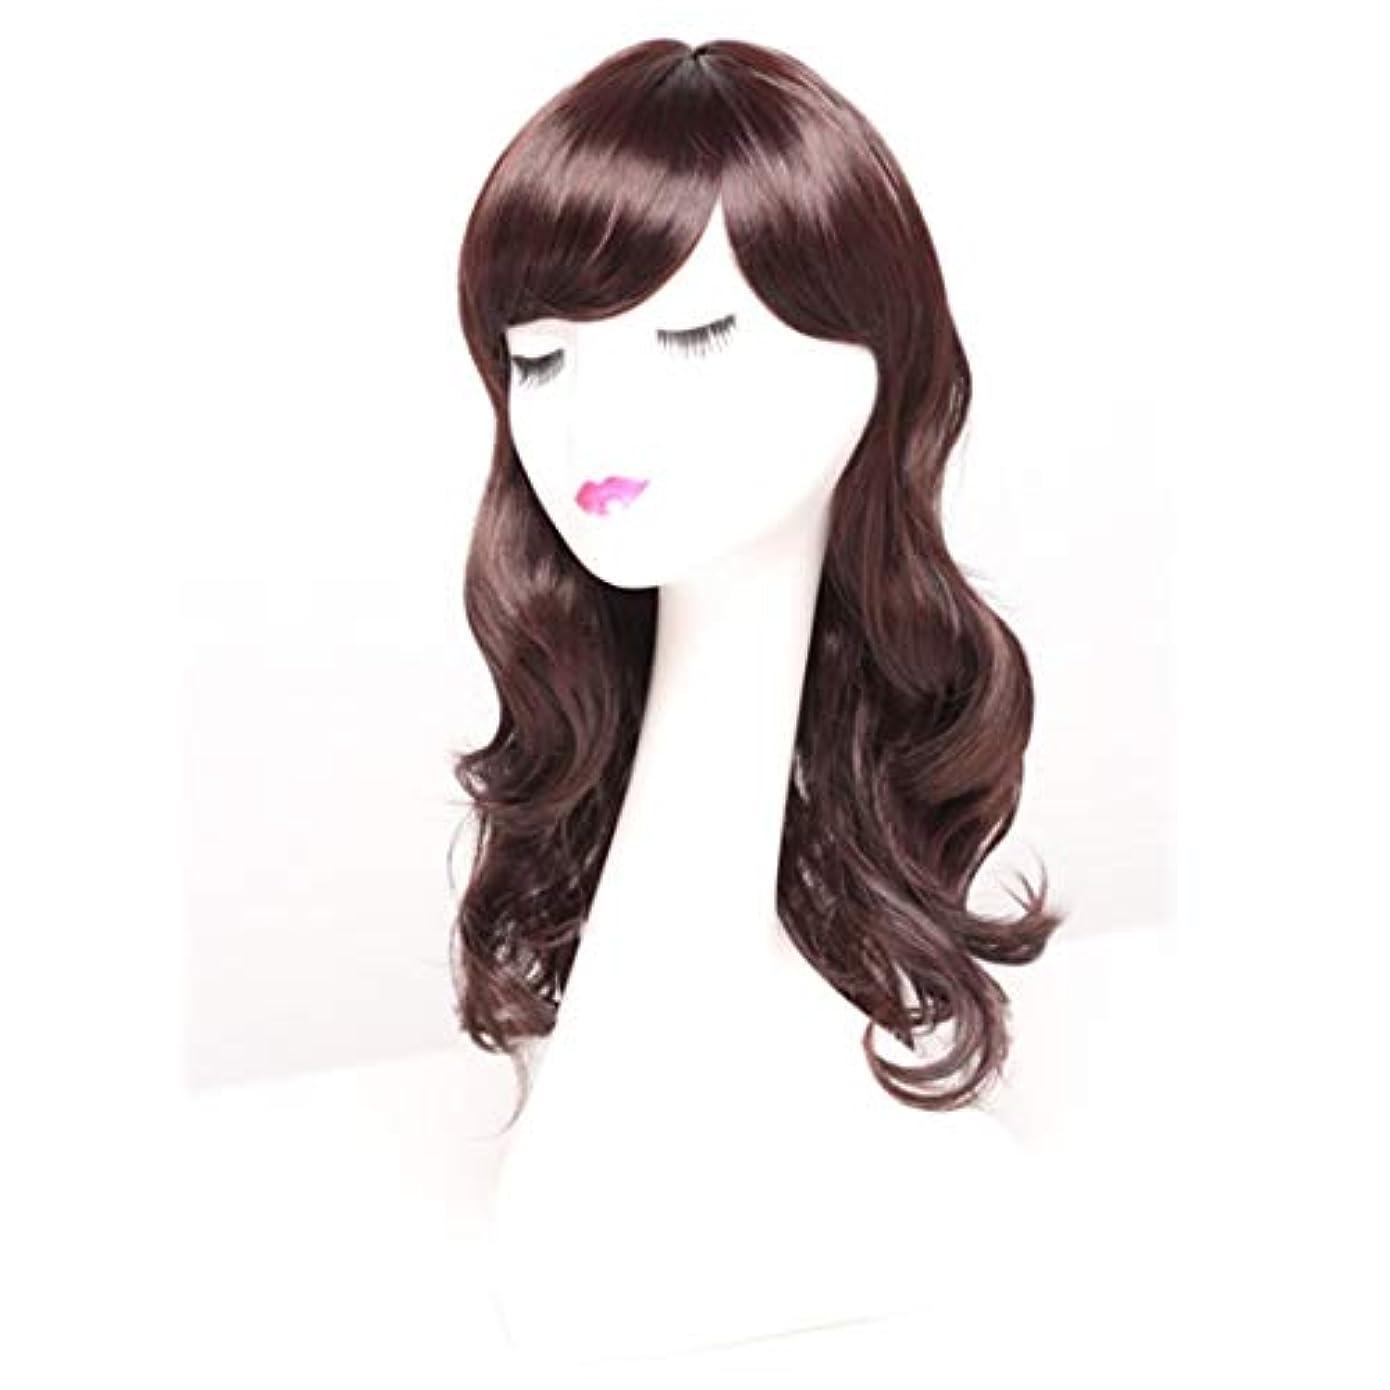 邪魔する大通りシールドKerwinner 女性のための長い巻き毛のかつらかつらかつらと人工的な毛髪のかつら本物の髪として自然なかつら